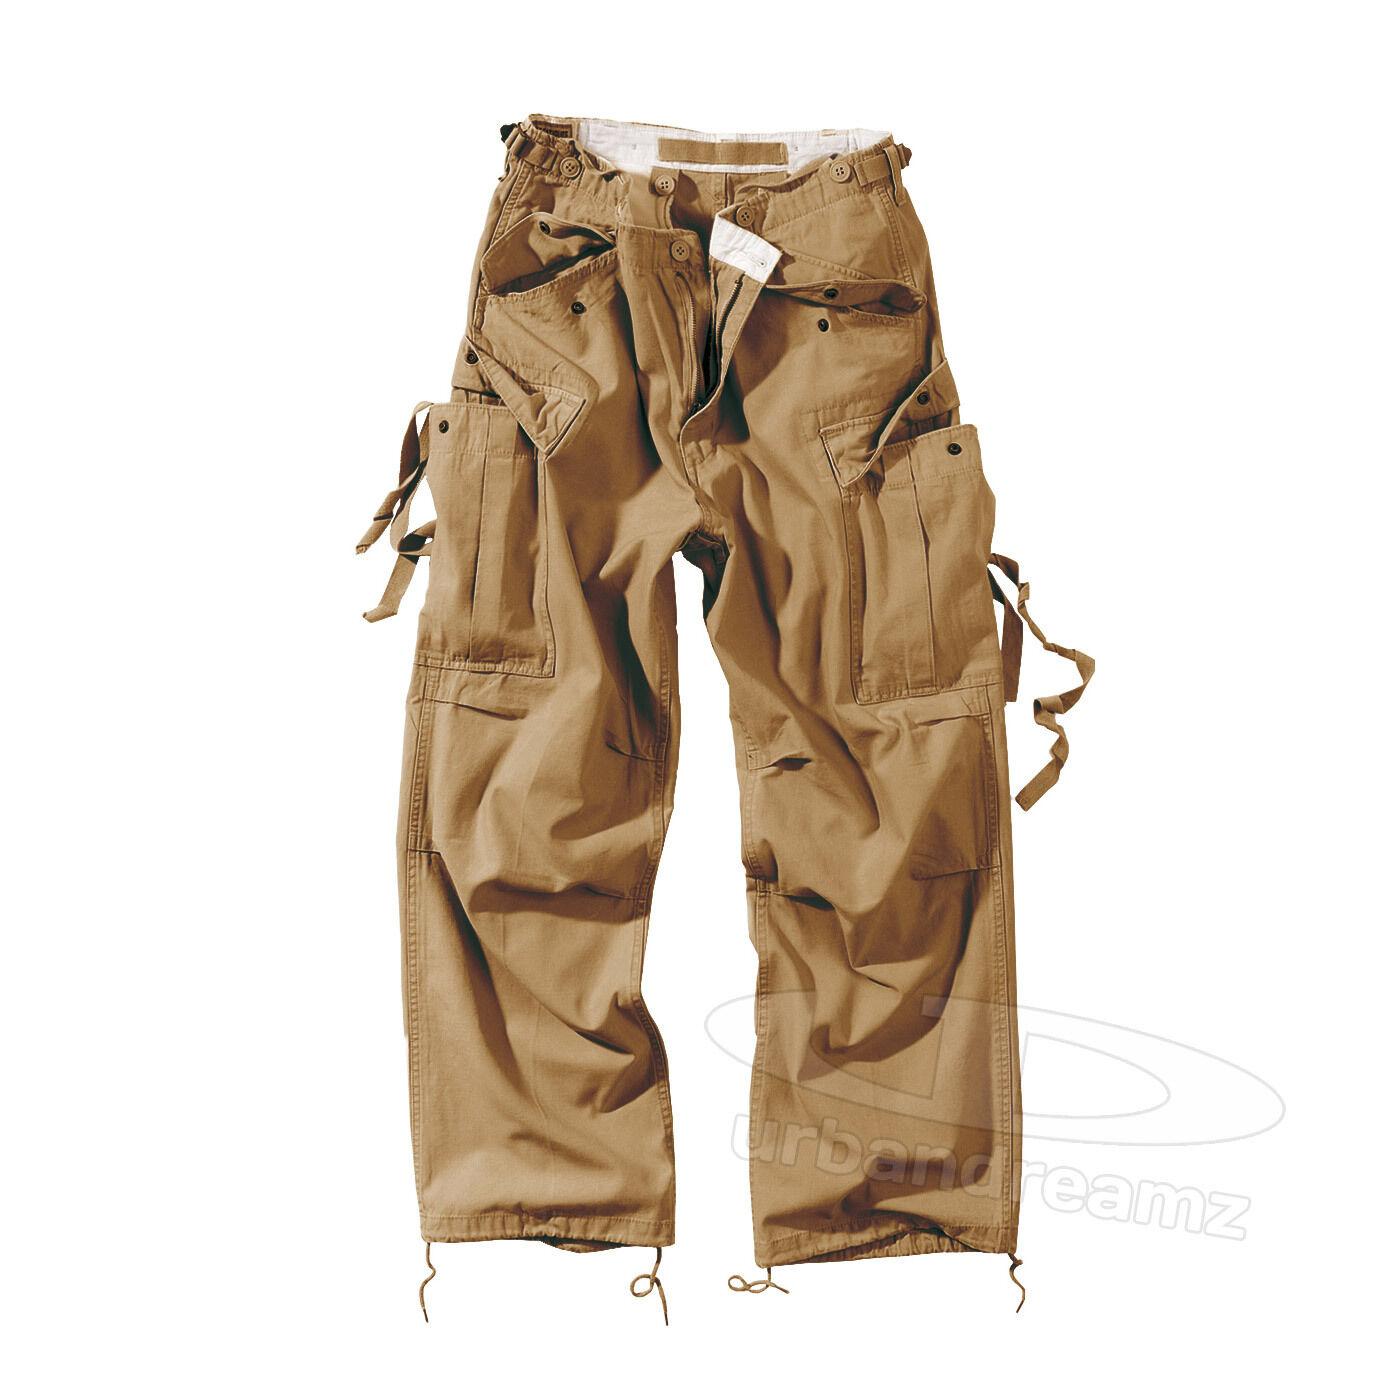 SURPLUS CARGO HOSE JEANS JEANS JEANS VINTAGE FATIGUES Freizeithose Stone Washed Pants | Sorgfältig ausgewählte Materialien  | Kunde zuerst  | Starke Hitze- und Hitzebeständigkeit  | Maßstab ist der Grundstein, Qualität ist Säulenbalken, Preis ist Leiter  | Stilvo e5ec4c